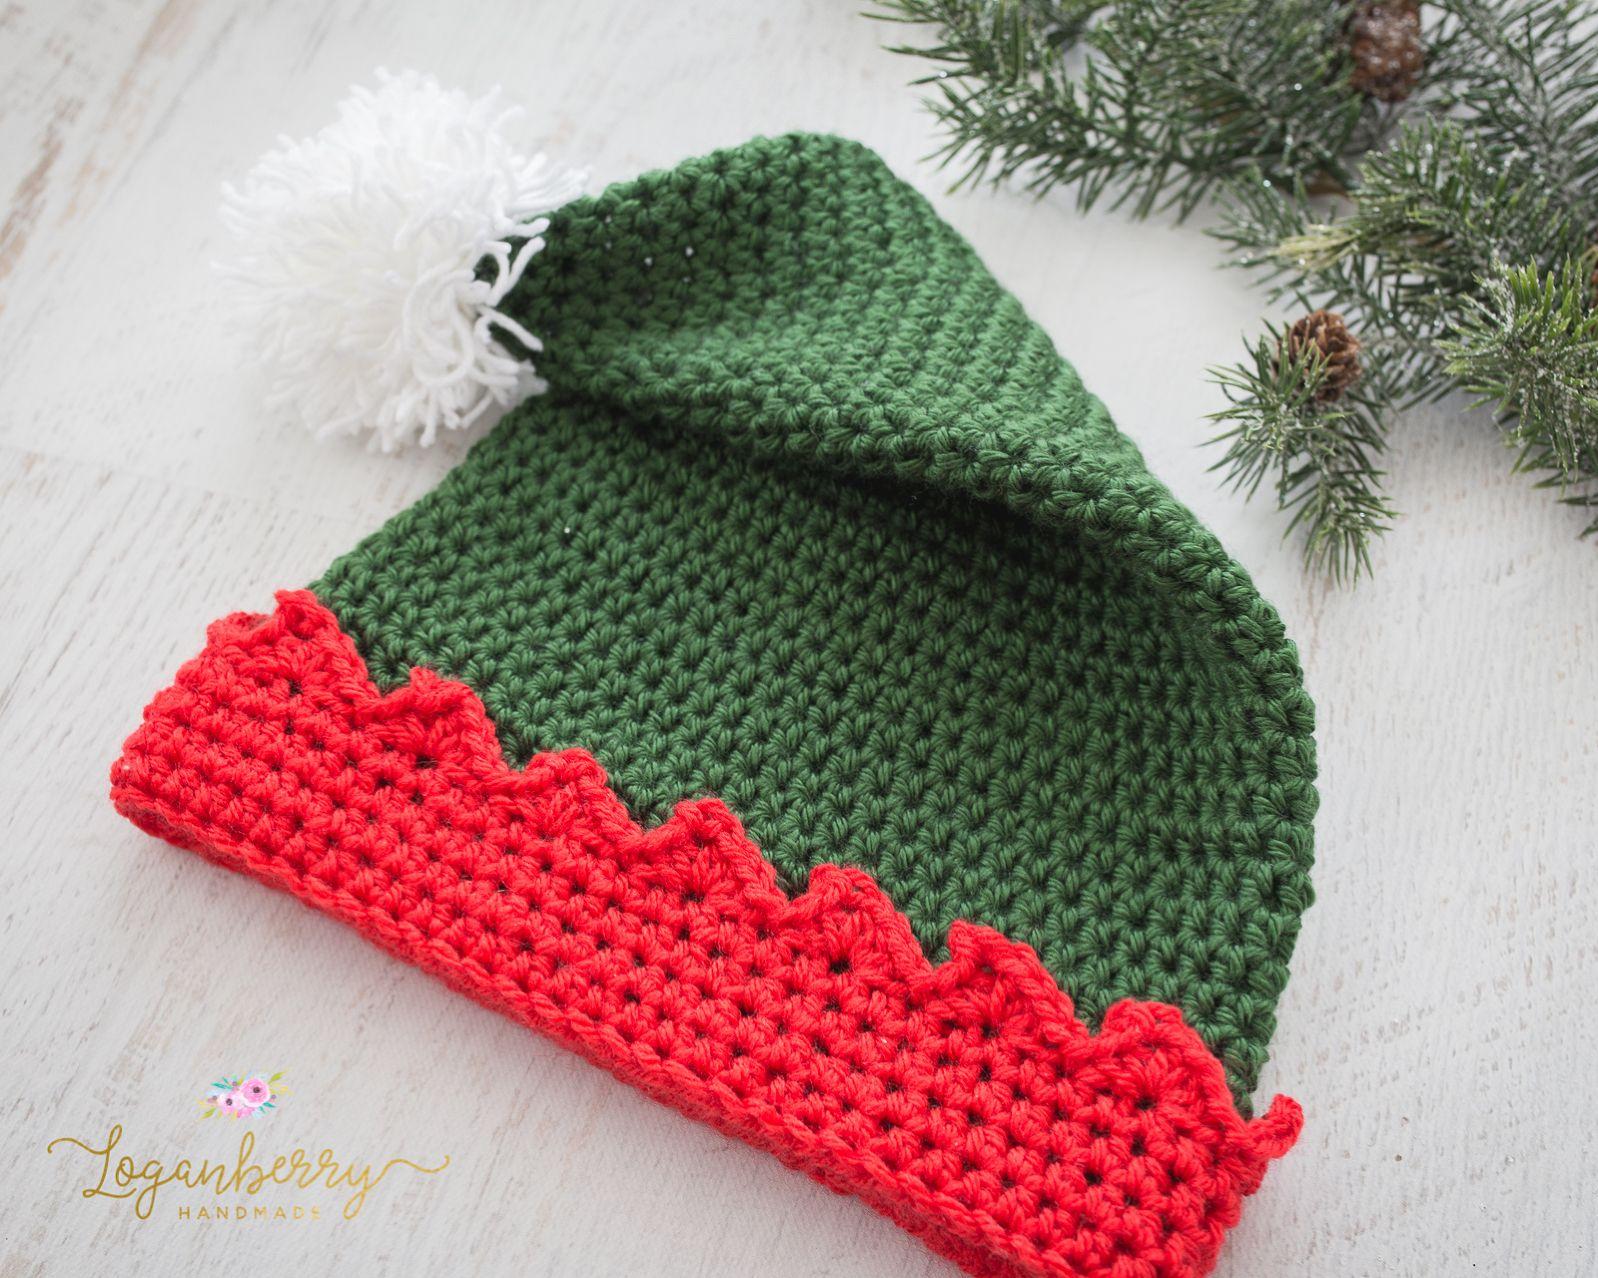 Crochet Elf Hat Free Crochet Pattern Crochet Elf Hat Pattern